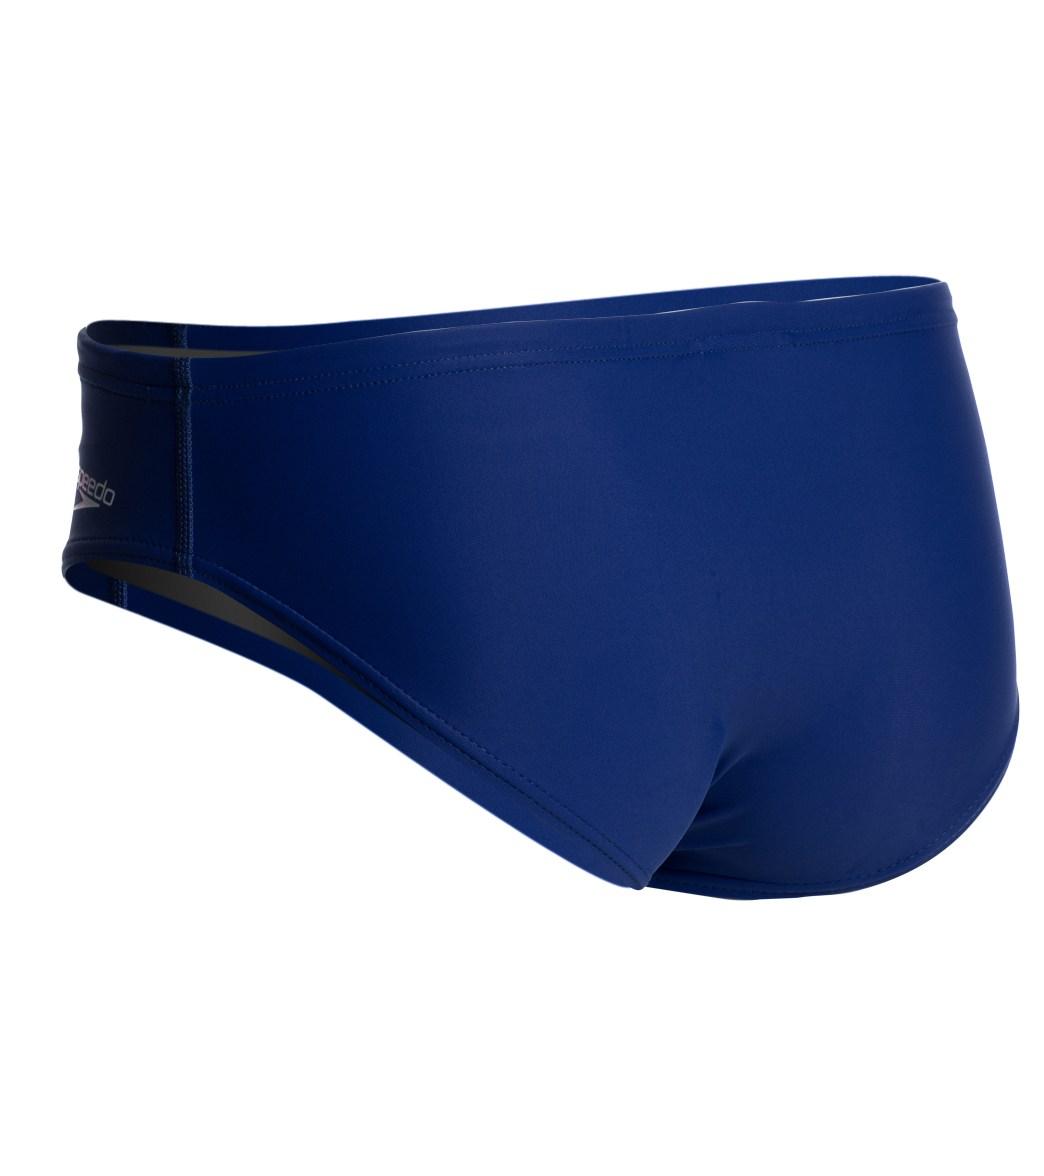 c1a94e36c8 Speedo PowerFLEX Eco Solid Men's Brief Swimsuit at SwimOutlet.com